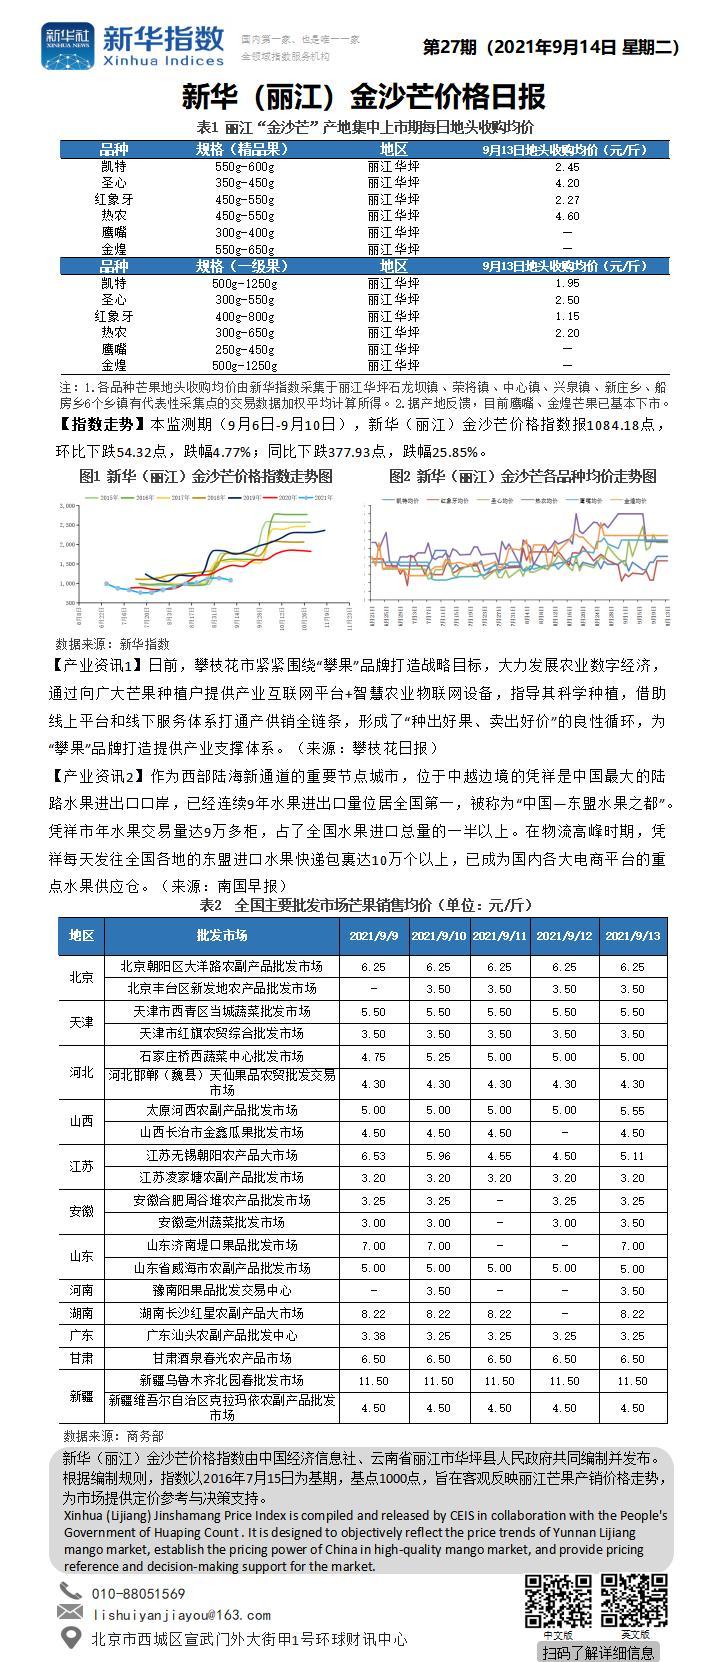 新华(丽江)金沙芒价格日报 (20210914).png